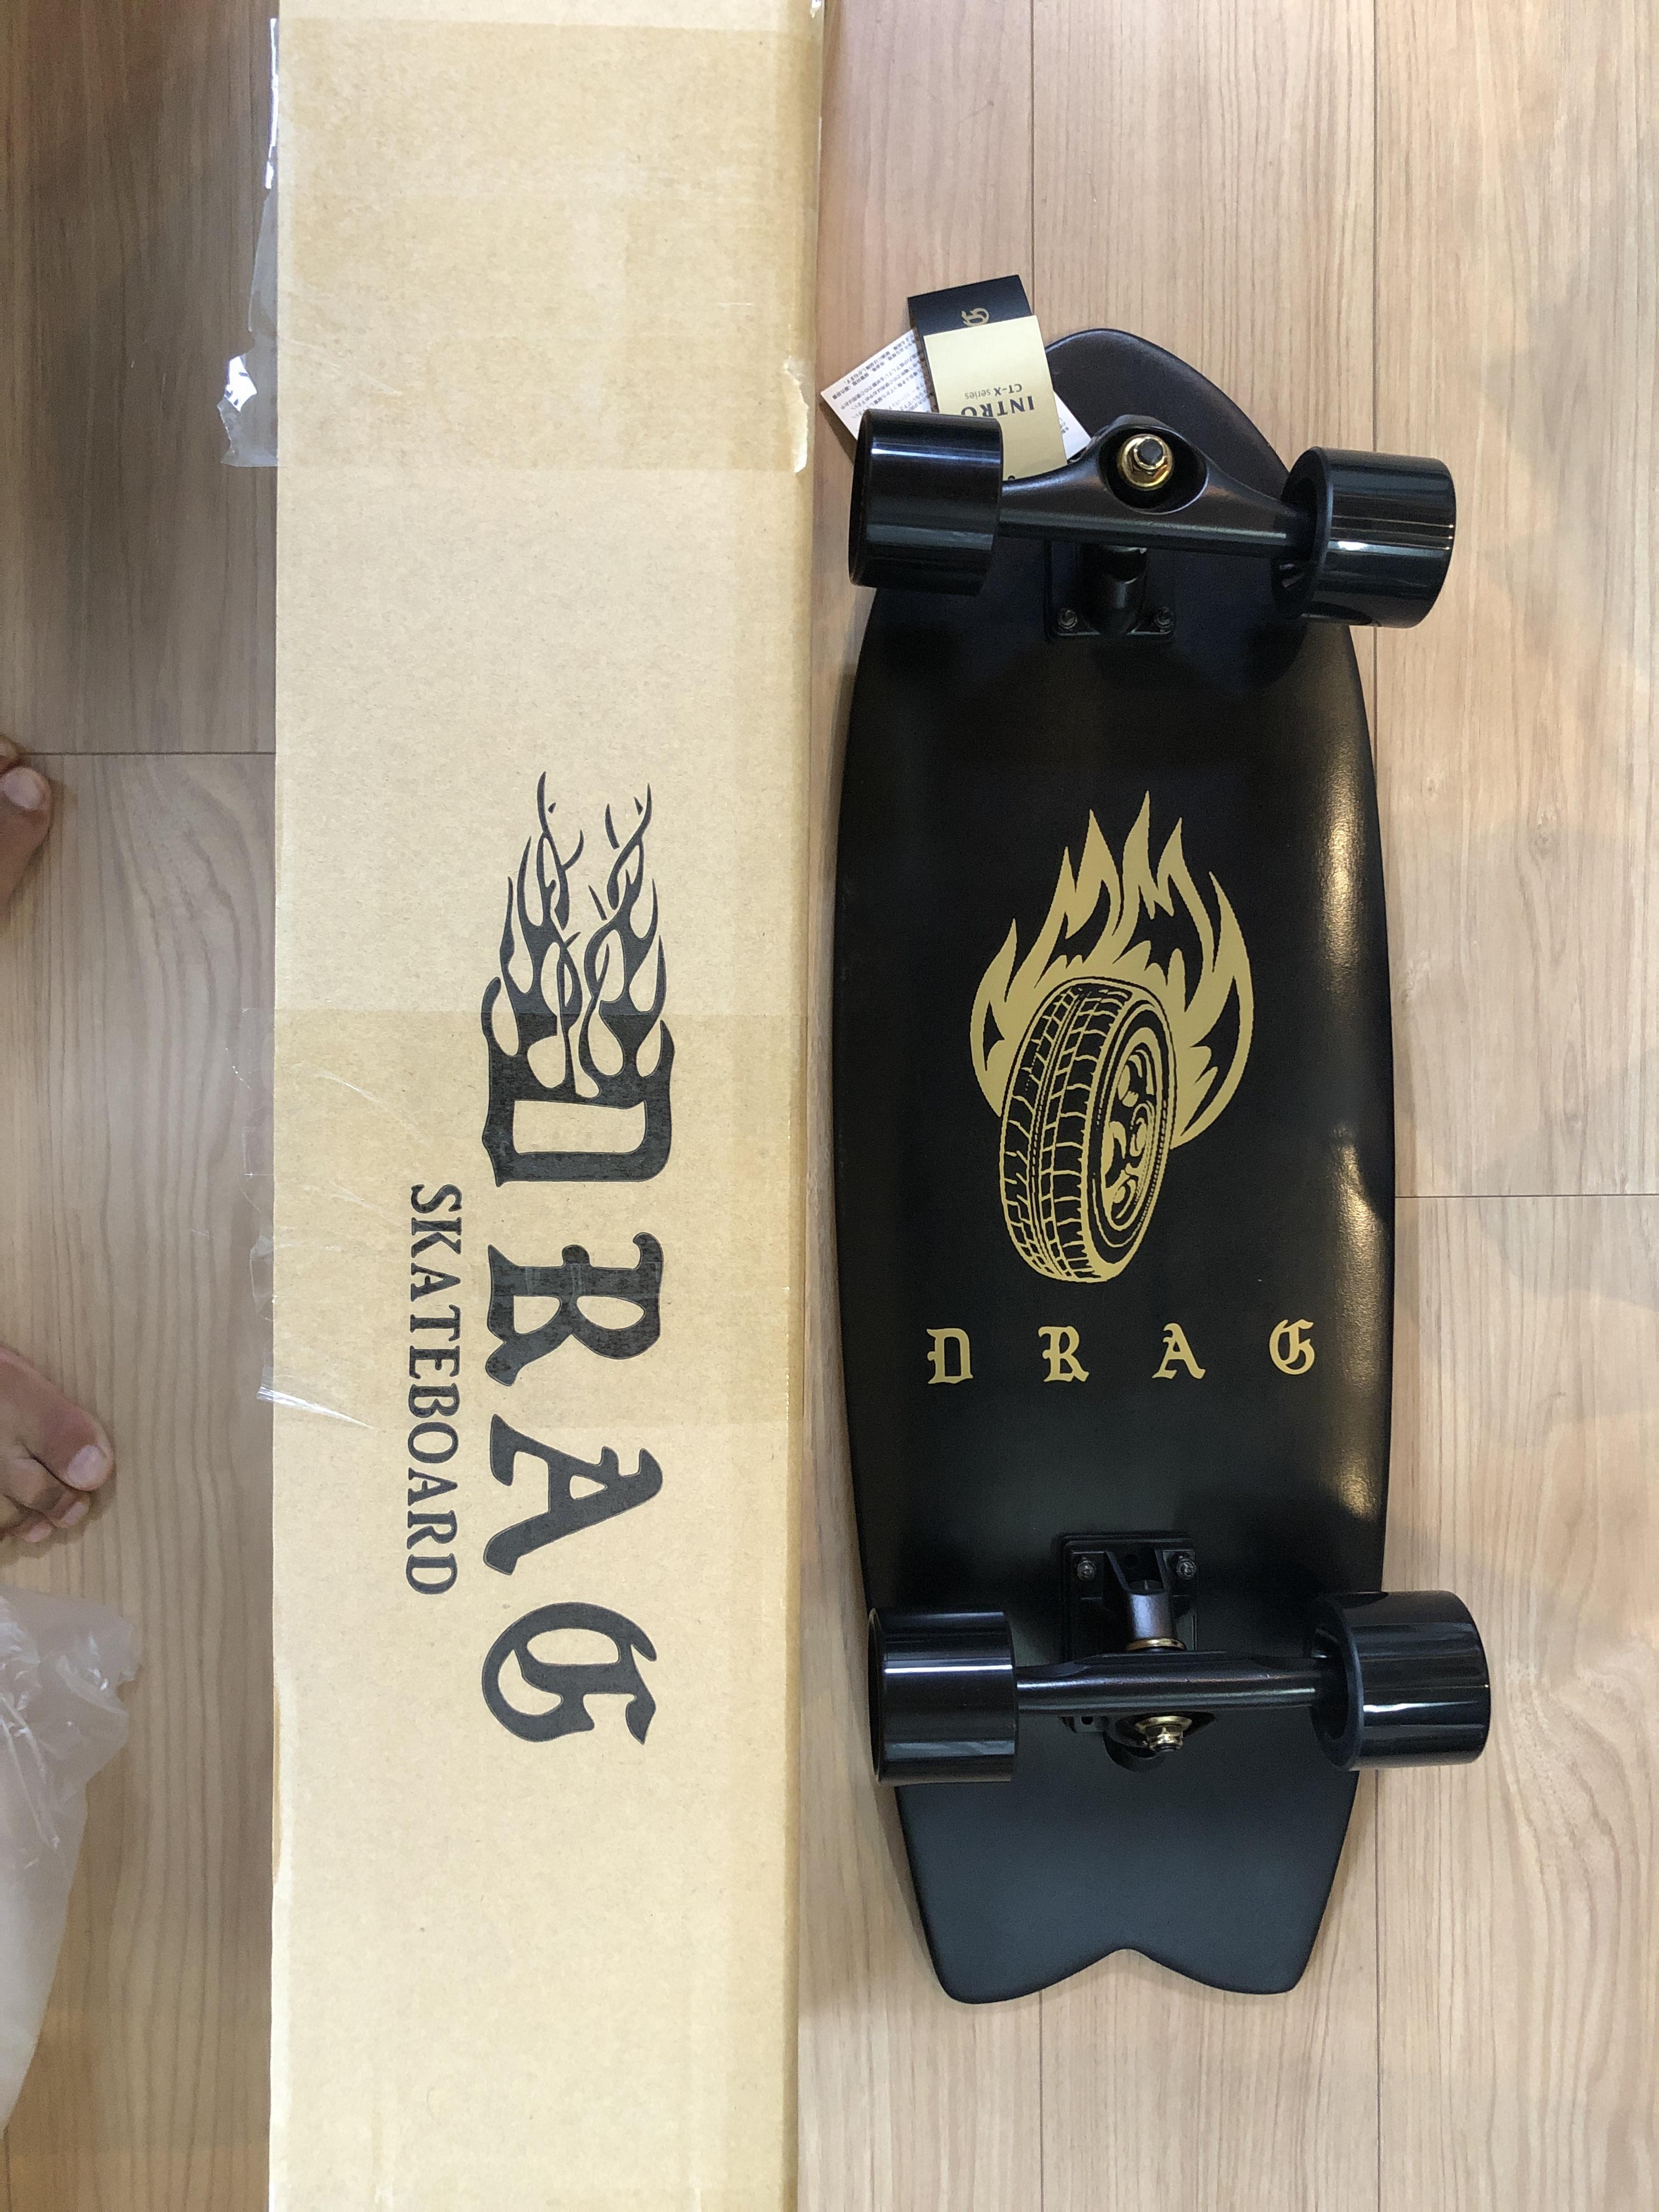 DRAG スケートボード 29 FISH(ドラッグスター)